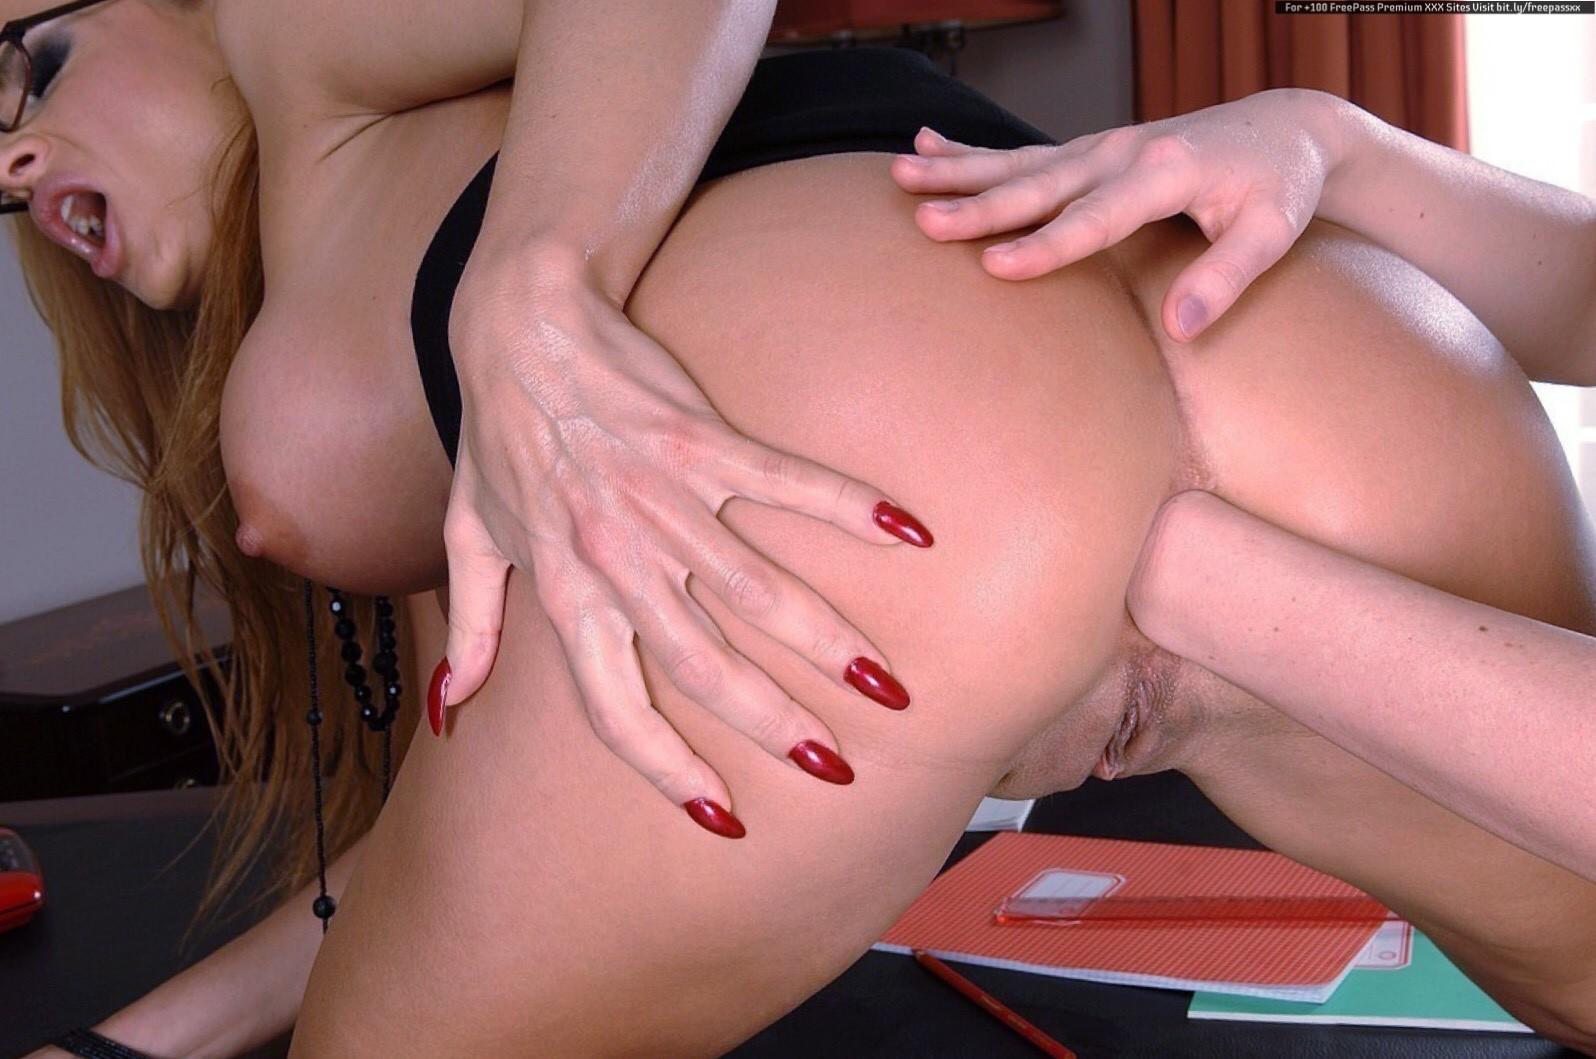 Смотреть порно онлайн глубокий фистинг, Порно фистинг онлайн бесплатно. Анальный 12 фотография